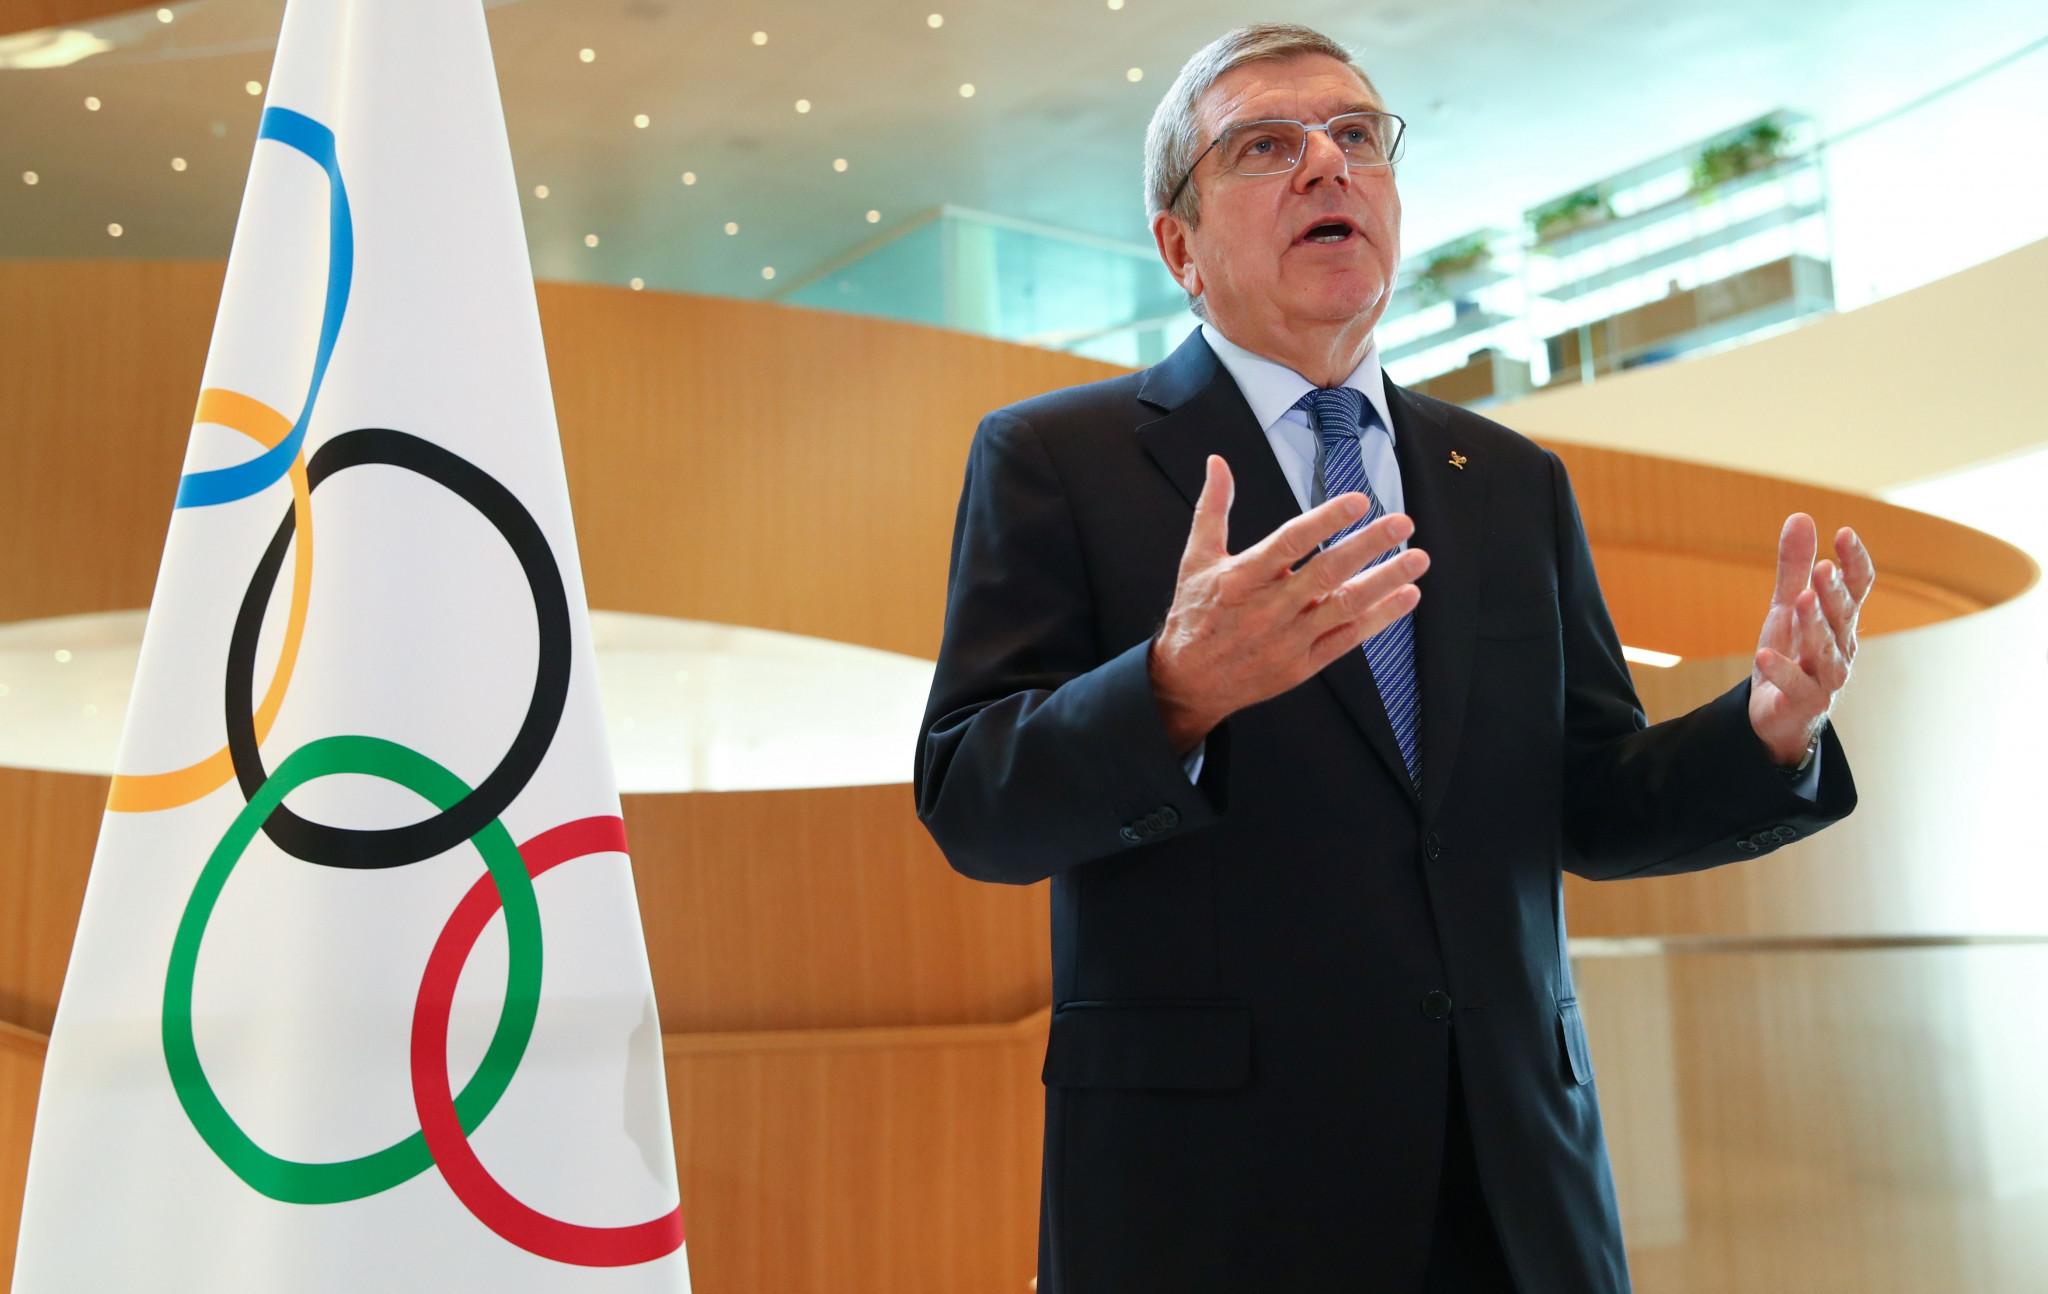 国际奥委会主席巴赫称 奥运会若无法如期将被取消 | 跑圈十件事